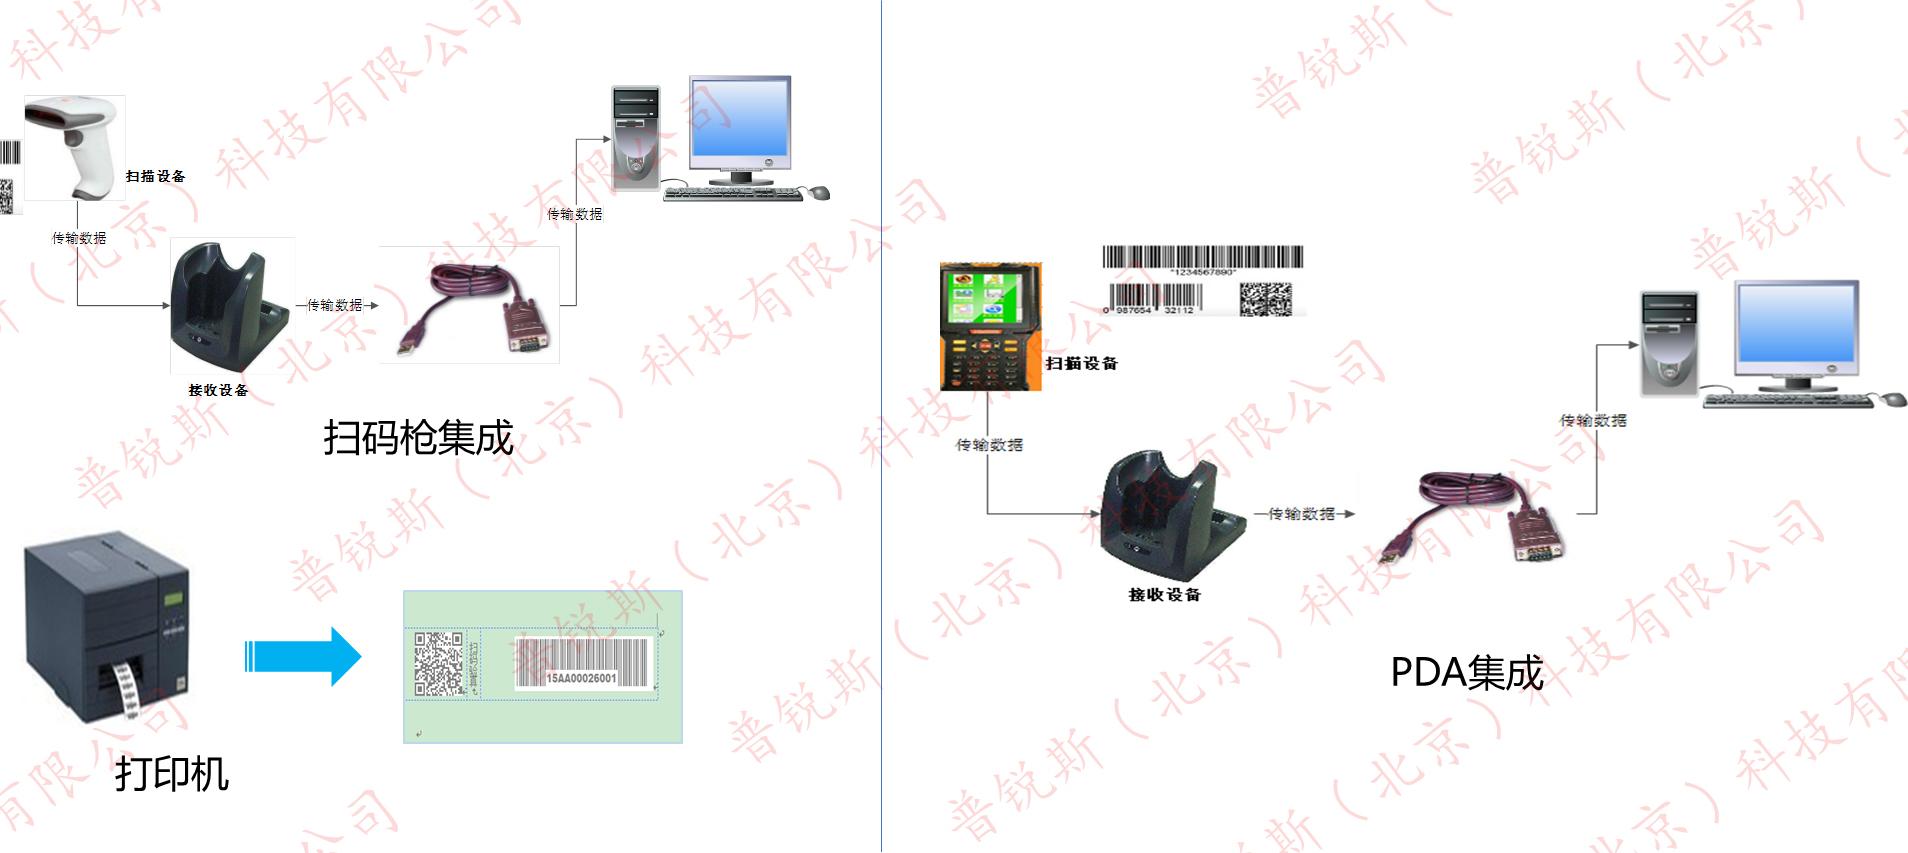 计量信息管理系统条码管理,lims条码管理,实验室信息管理系统条码管理